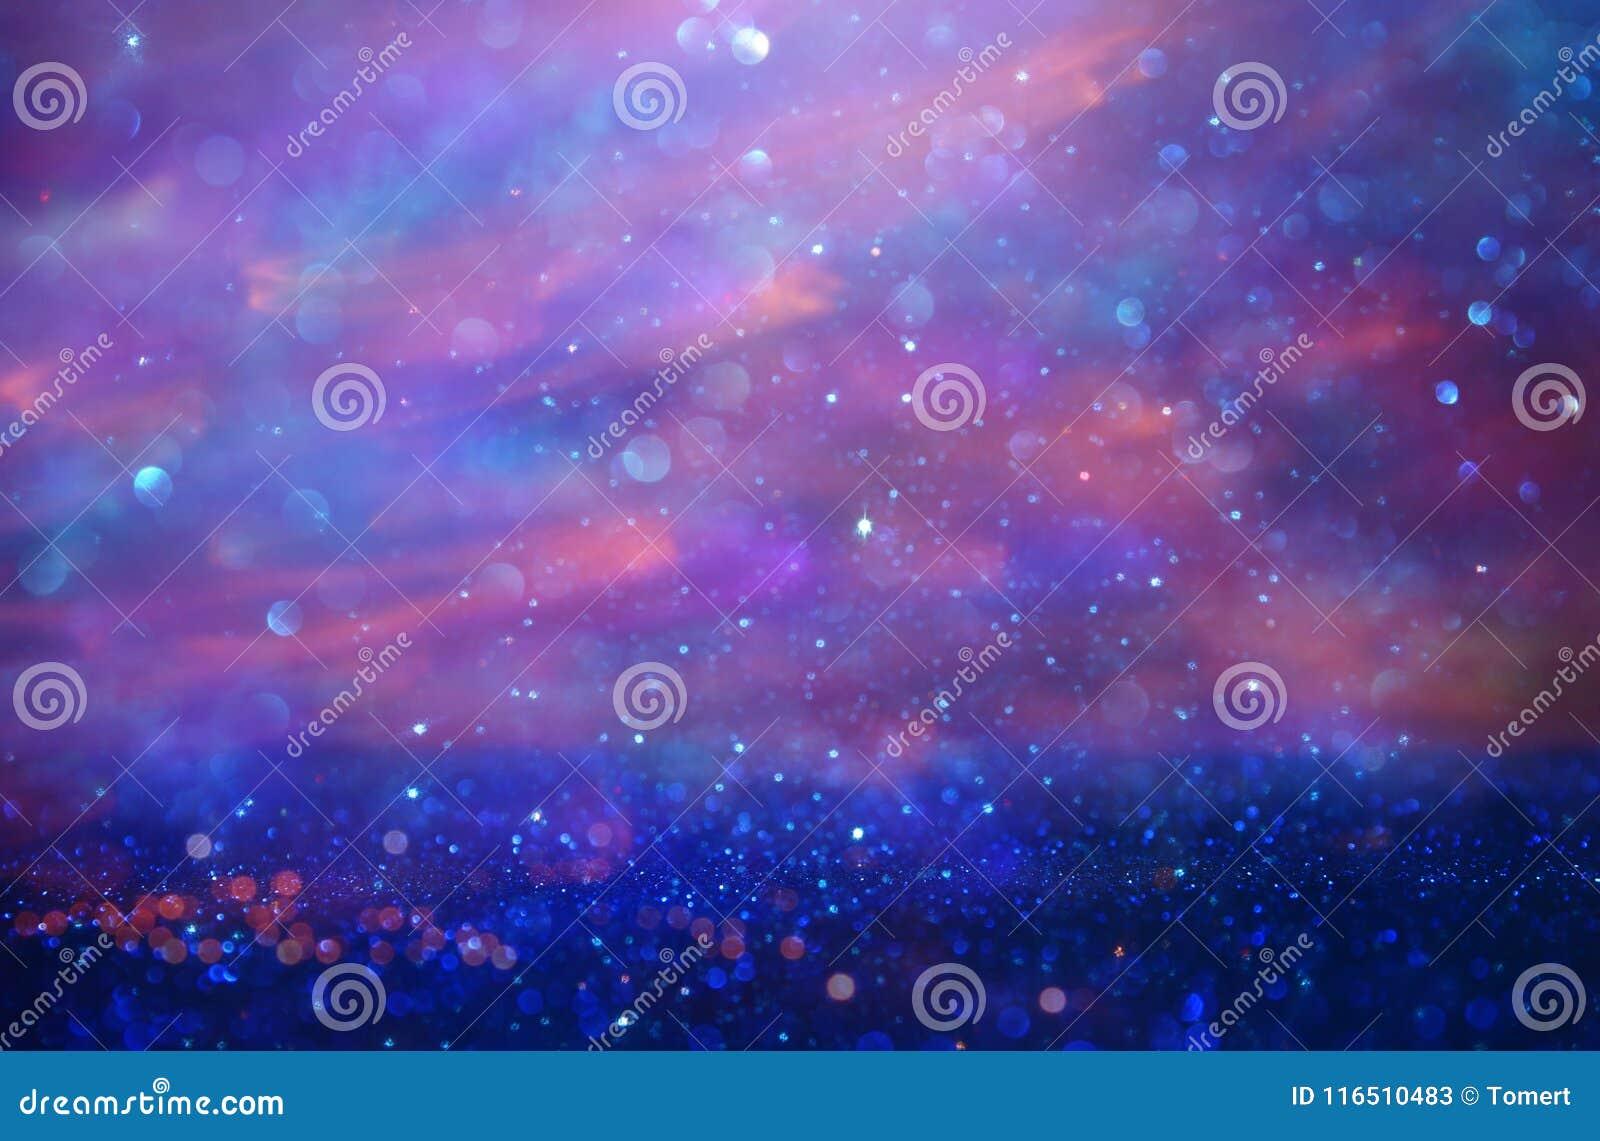 Błyskotliwość rocznik zaświeca tło różowe purpurowy skupiający się